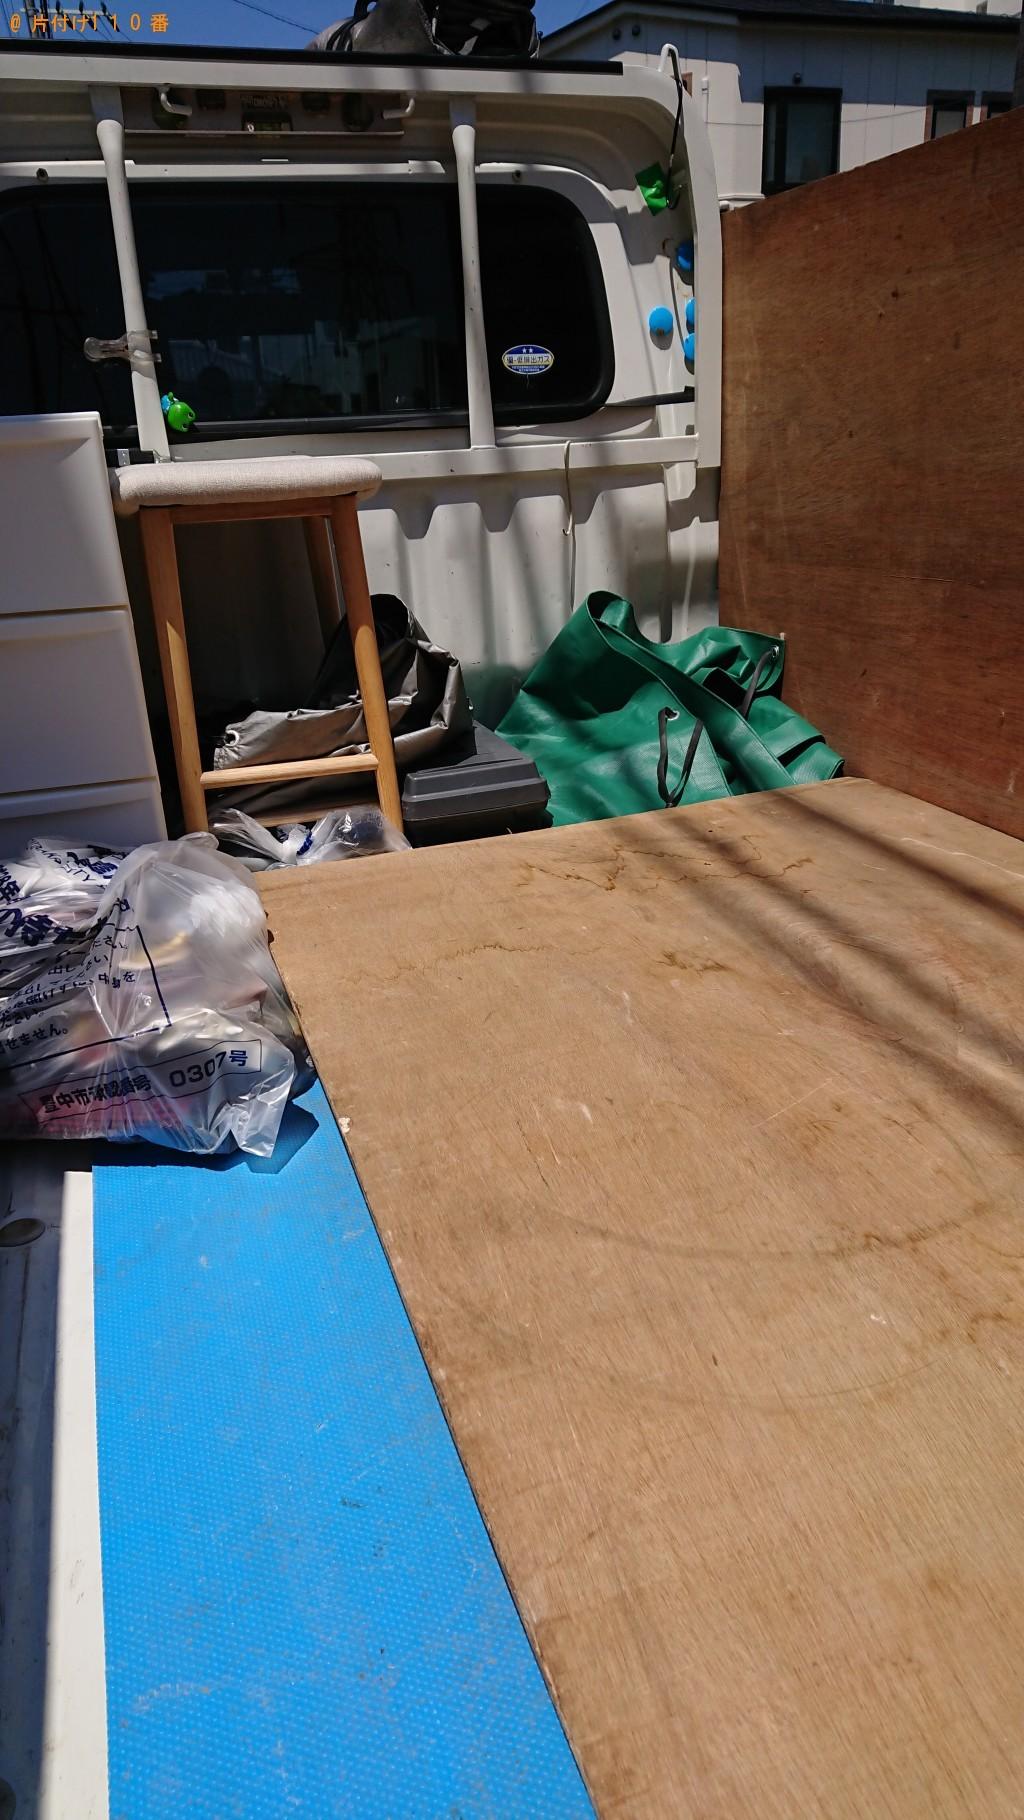 【豊中市野田町】衣装ケース、椅子、パーテーション、一般ごみの回収